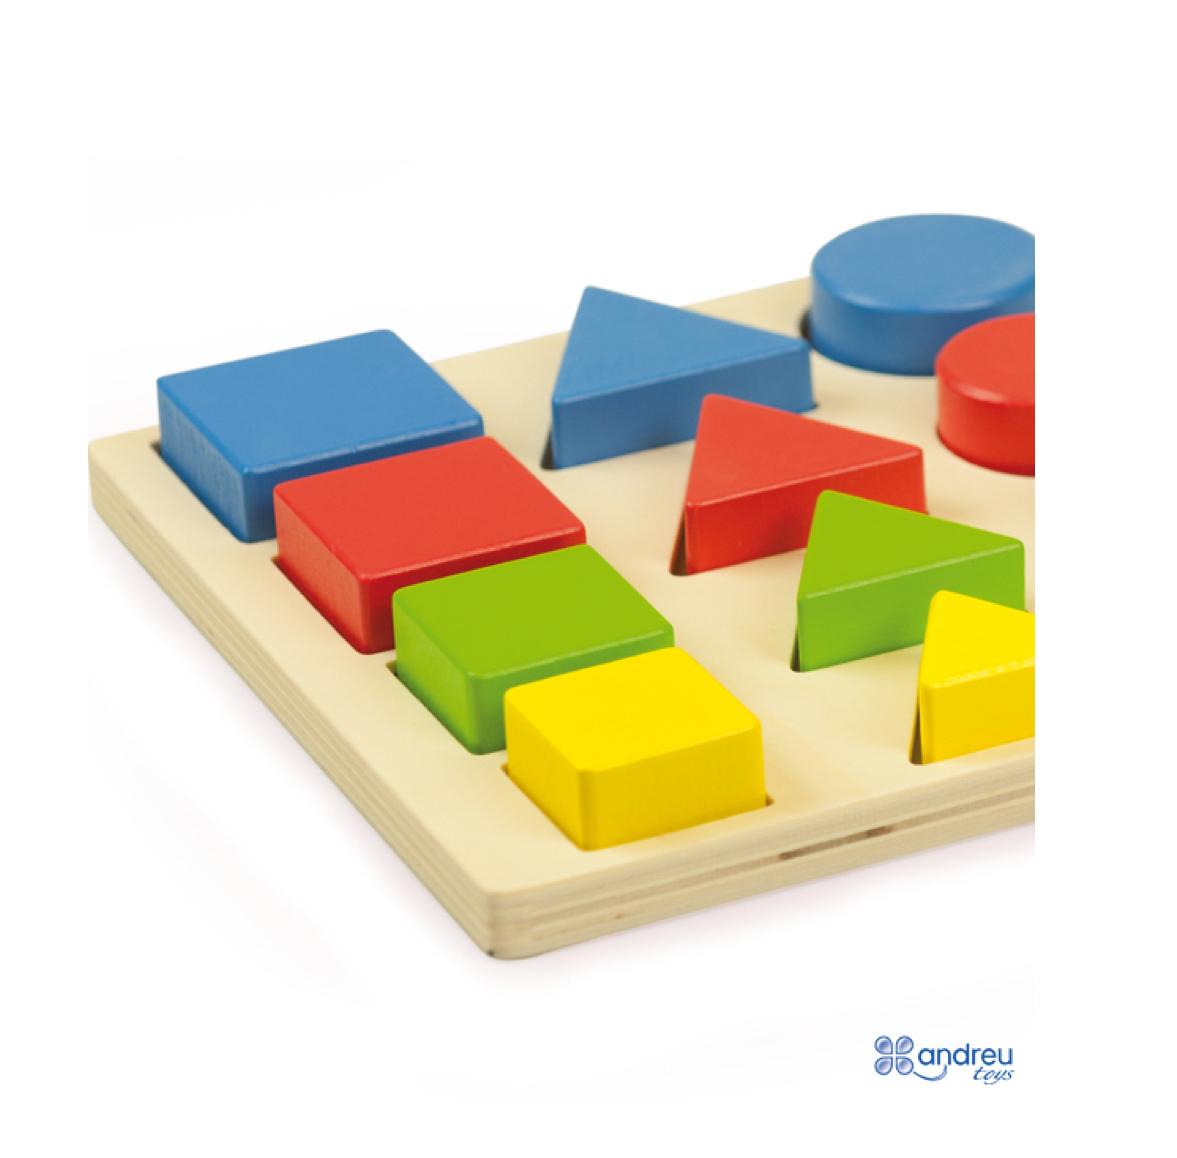 3-formas-geometricas-geo-shapes-de-andreu-toys-en-el-mundo-de-mico-3